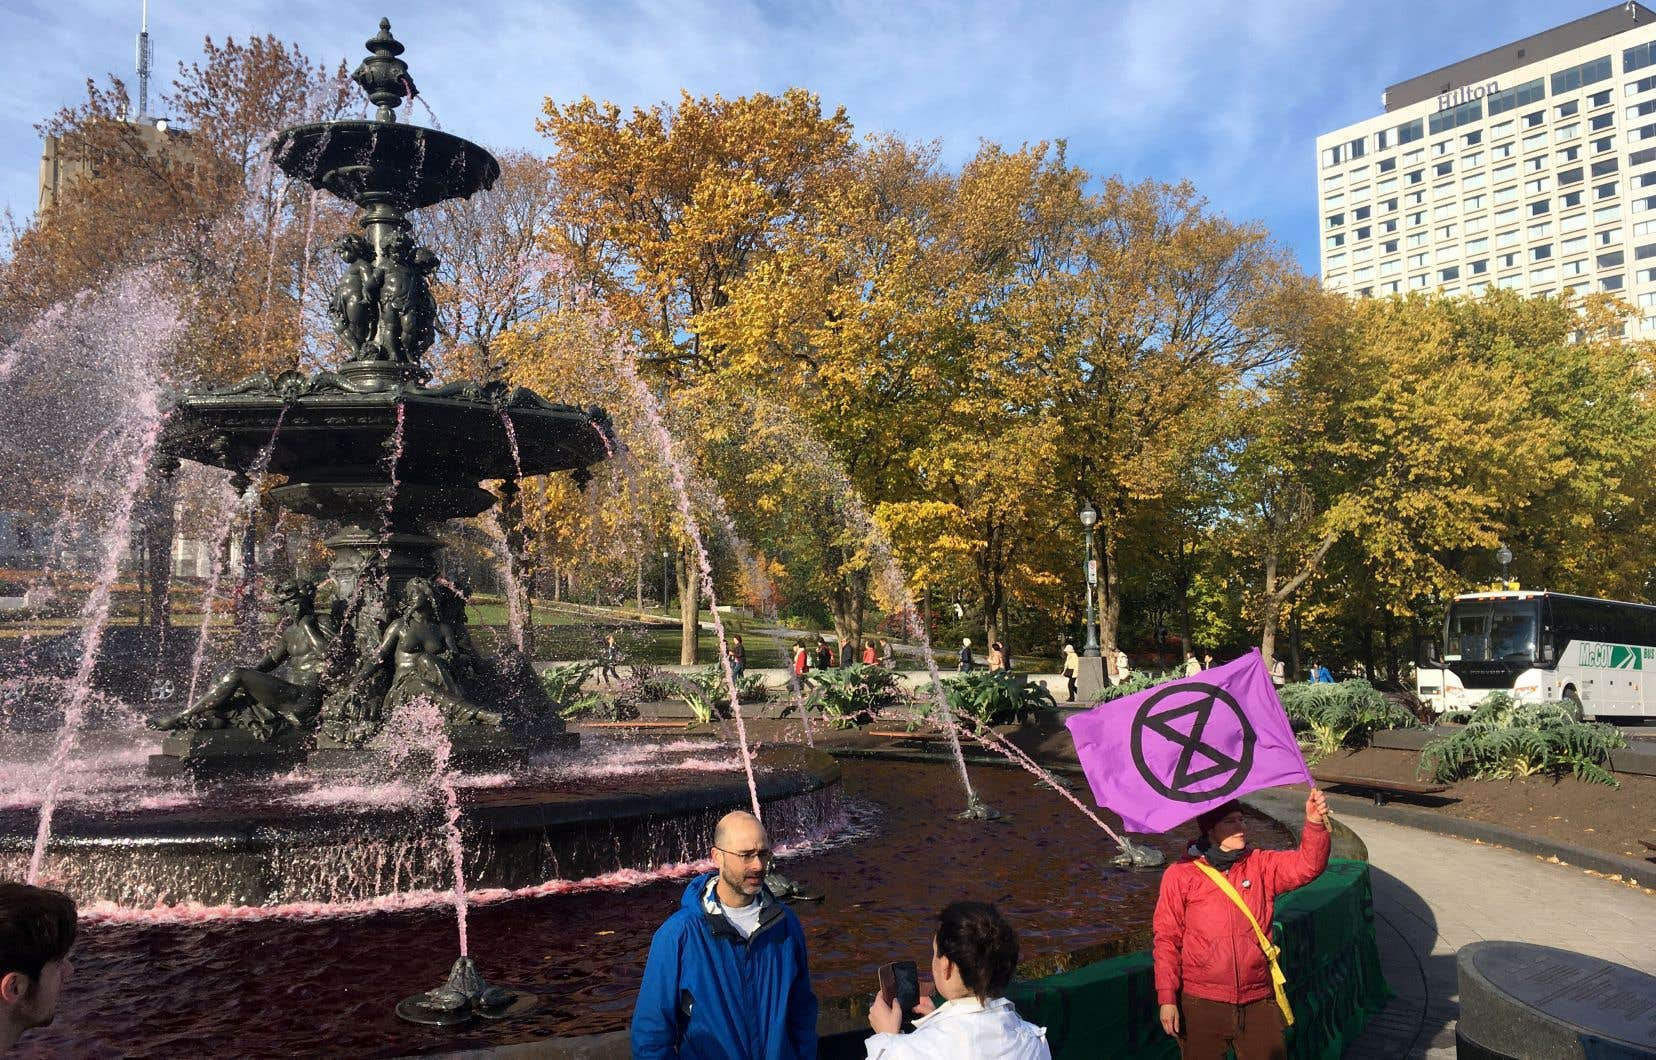 Une cellule du groupe Extinction Rebellion a coloré en rouge l'eau de la fontaine de Tourny, devant l'Assemblée nationale à Québec, vendredi, pour dénoncer l'inaction du gouvernement devant les changements climatiques.